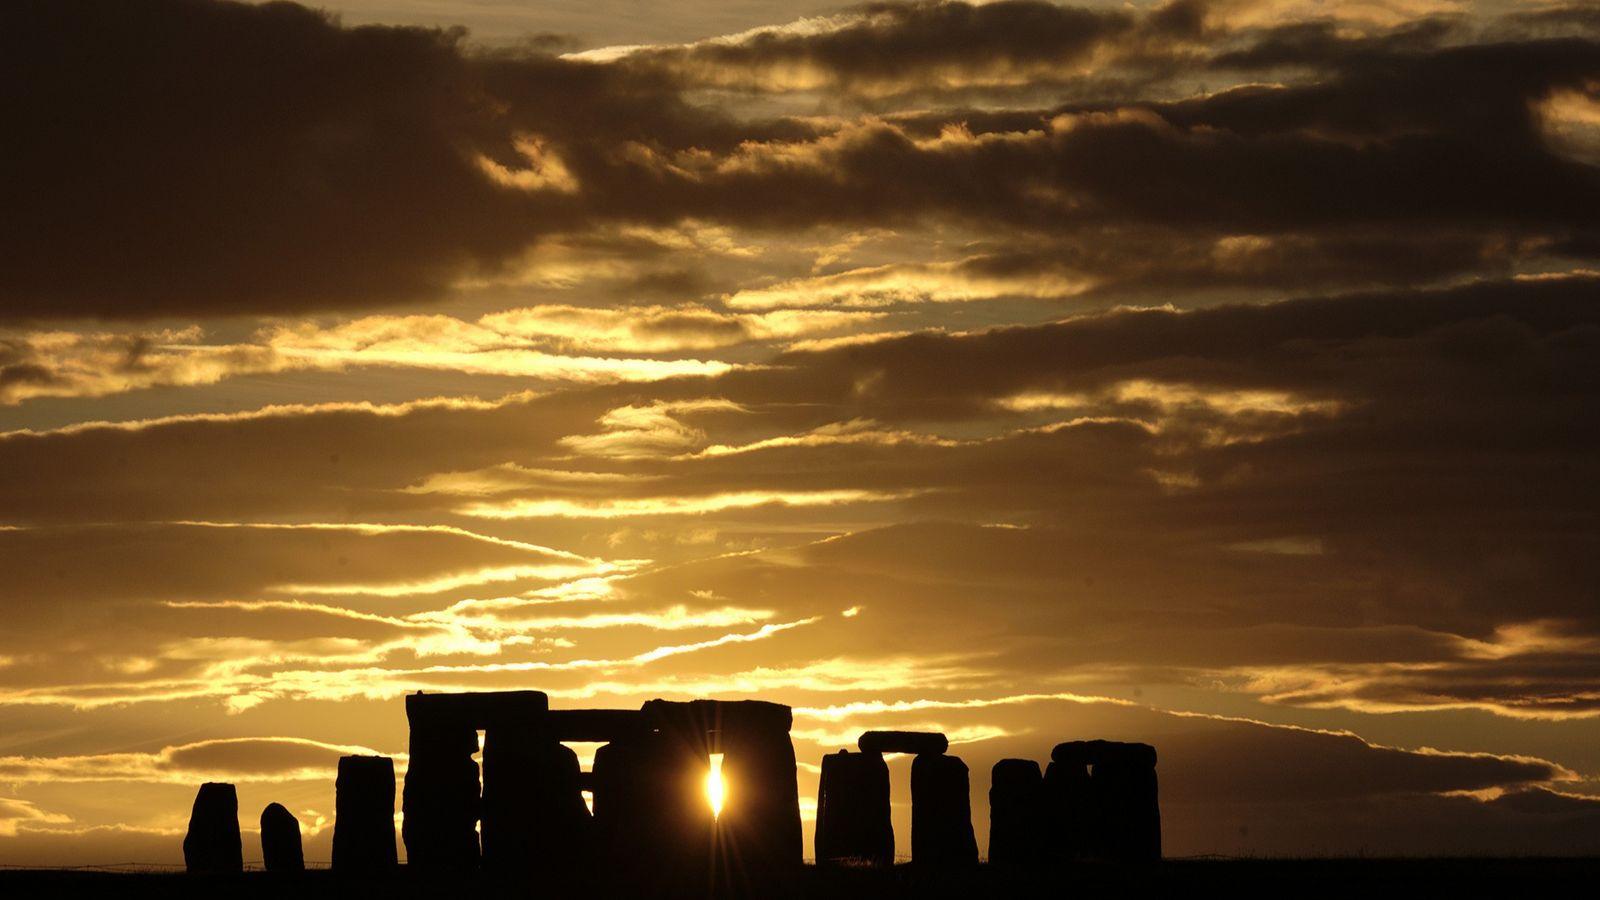 Pesquisadores acreditam ter encontrado a origem de algumas das pedras que compõem o Stonehenge.